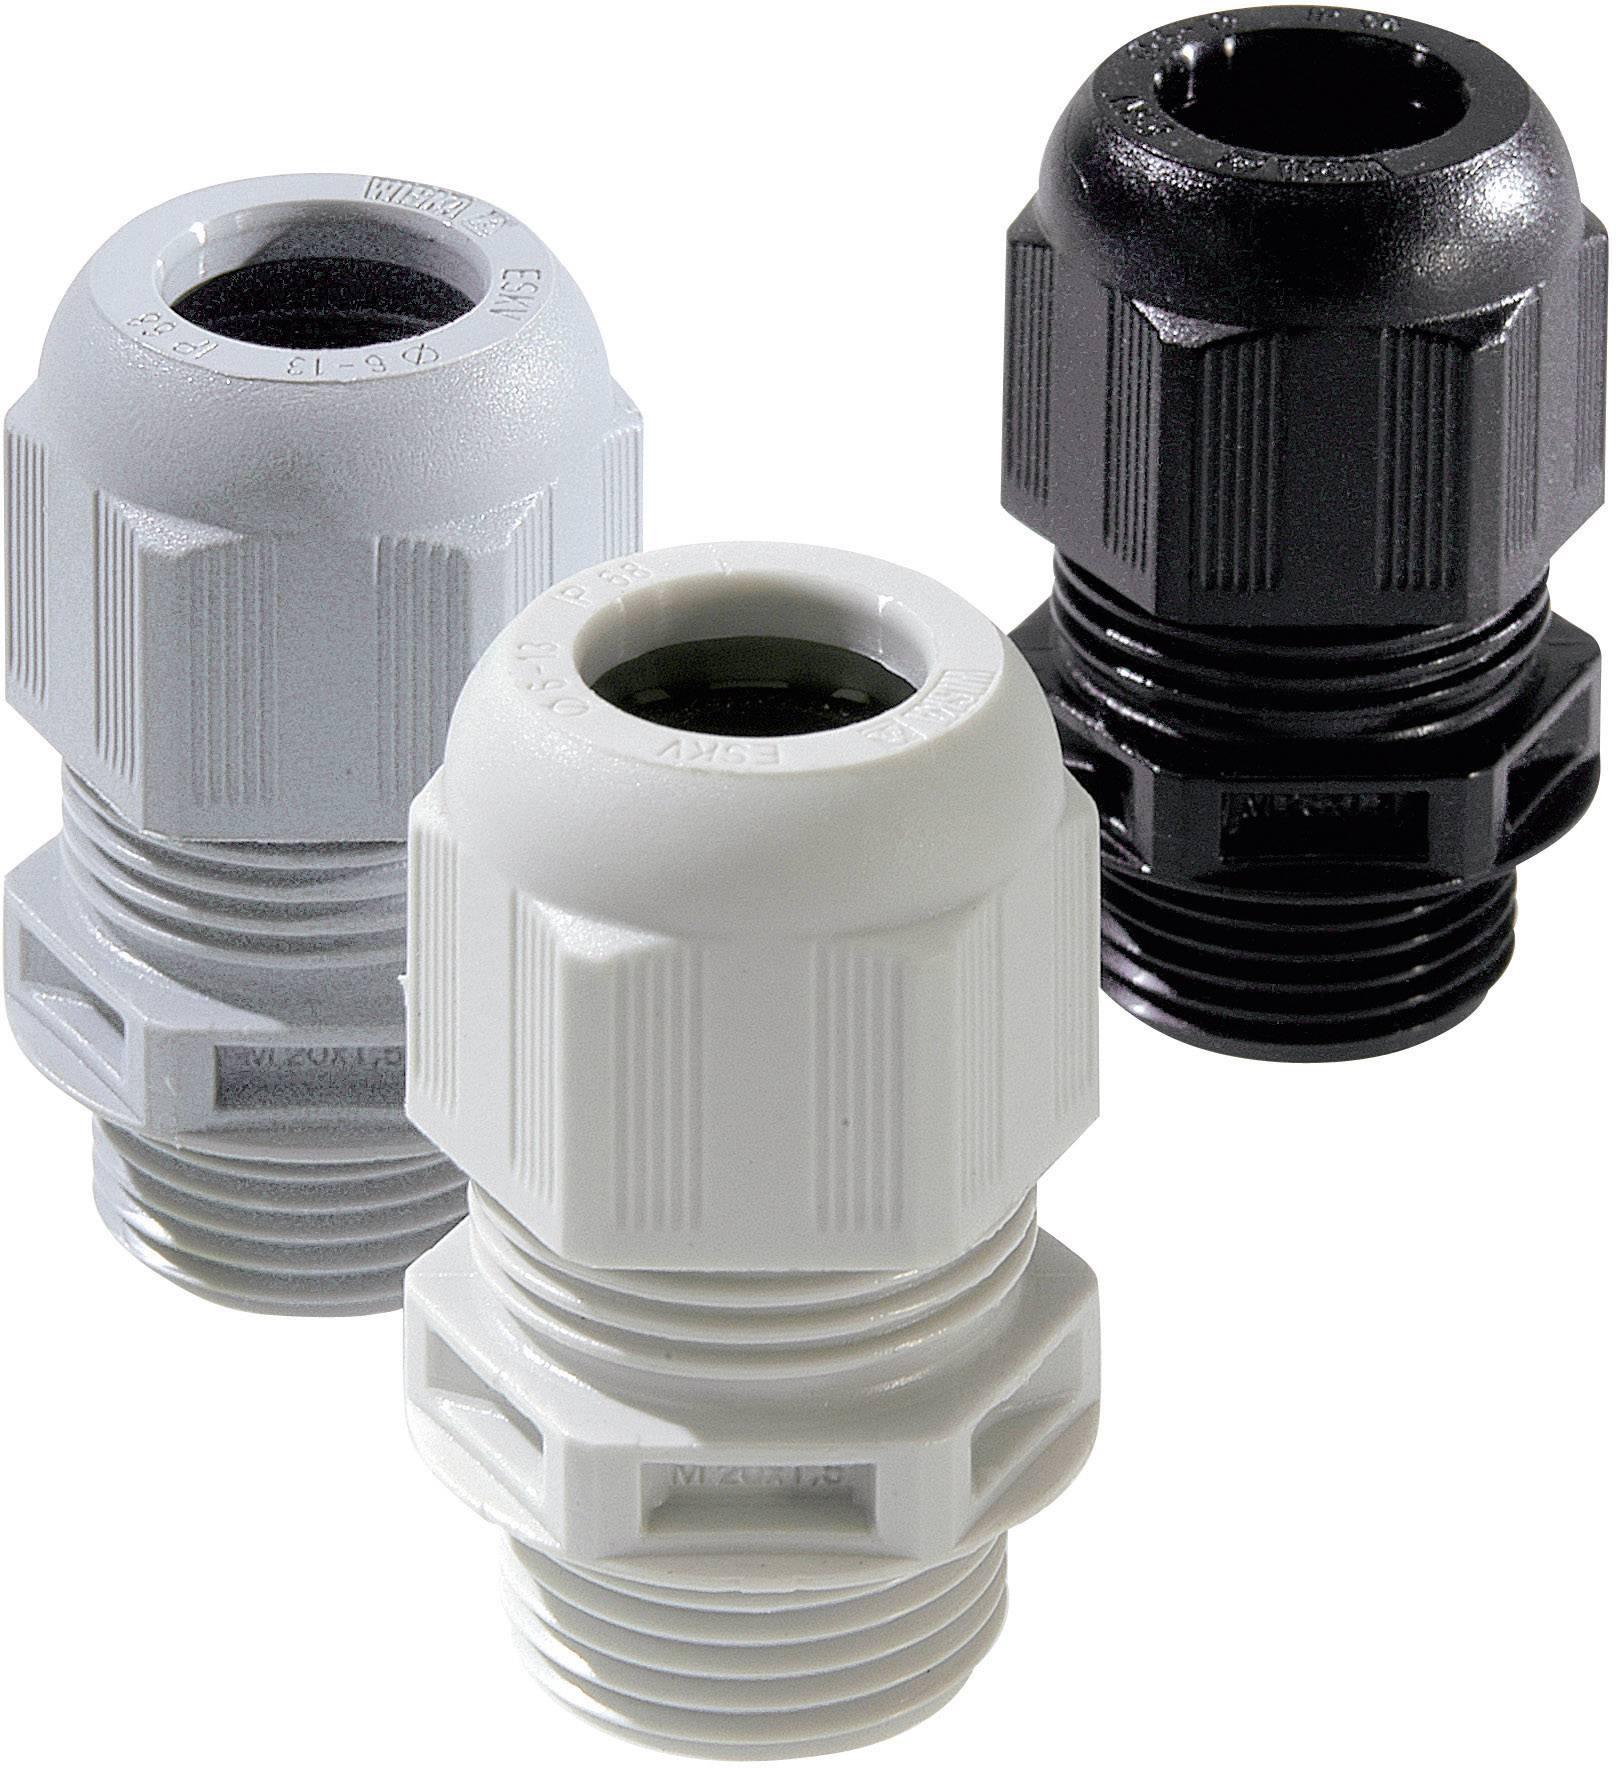 Káblová priechodka Wiska ESKV M12 RAL 9005, polyamid, čierna, 1 ks